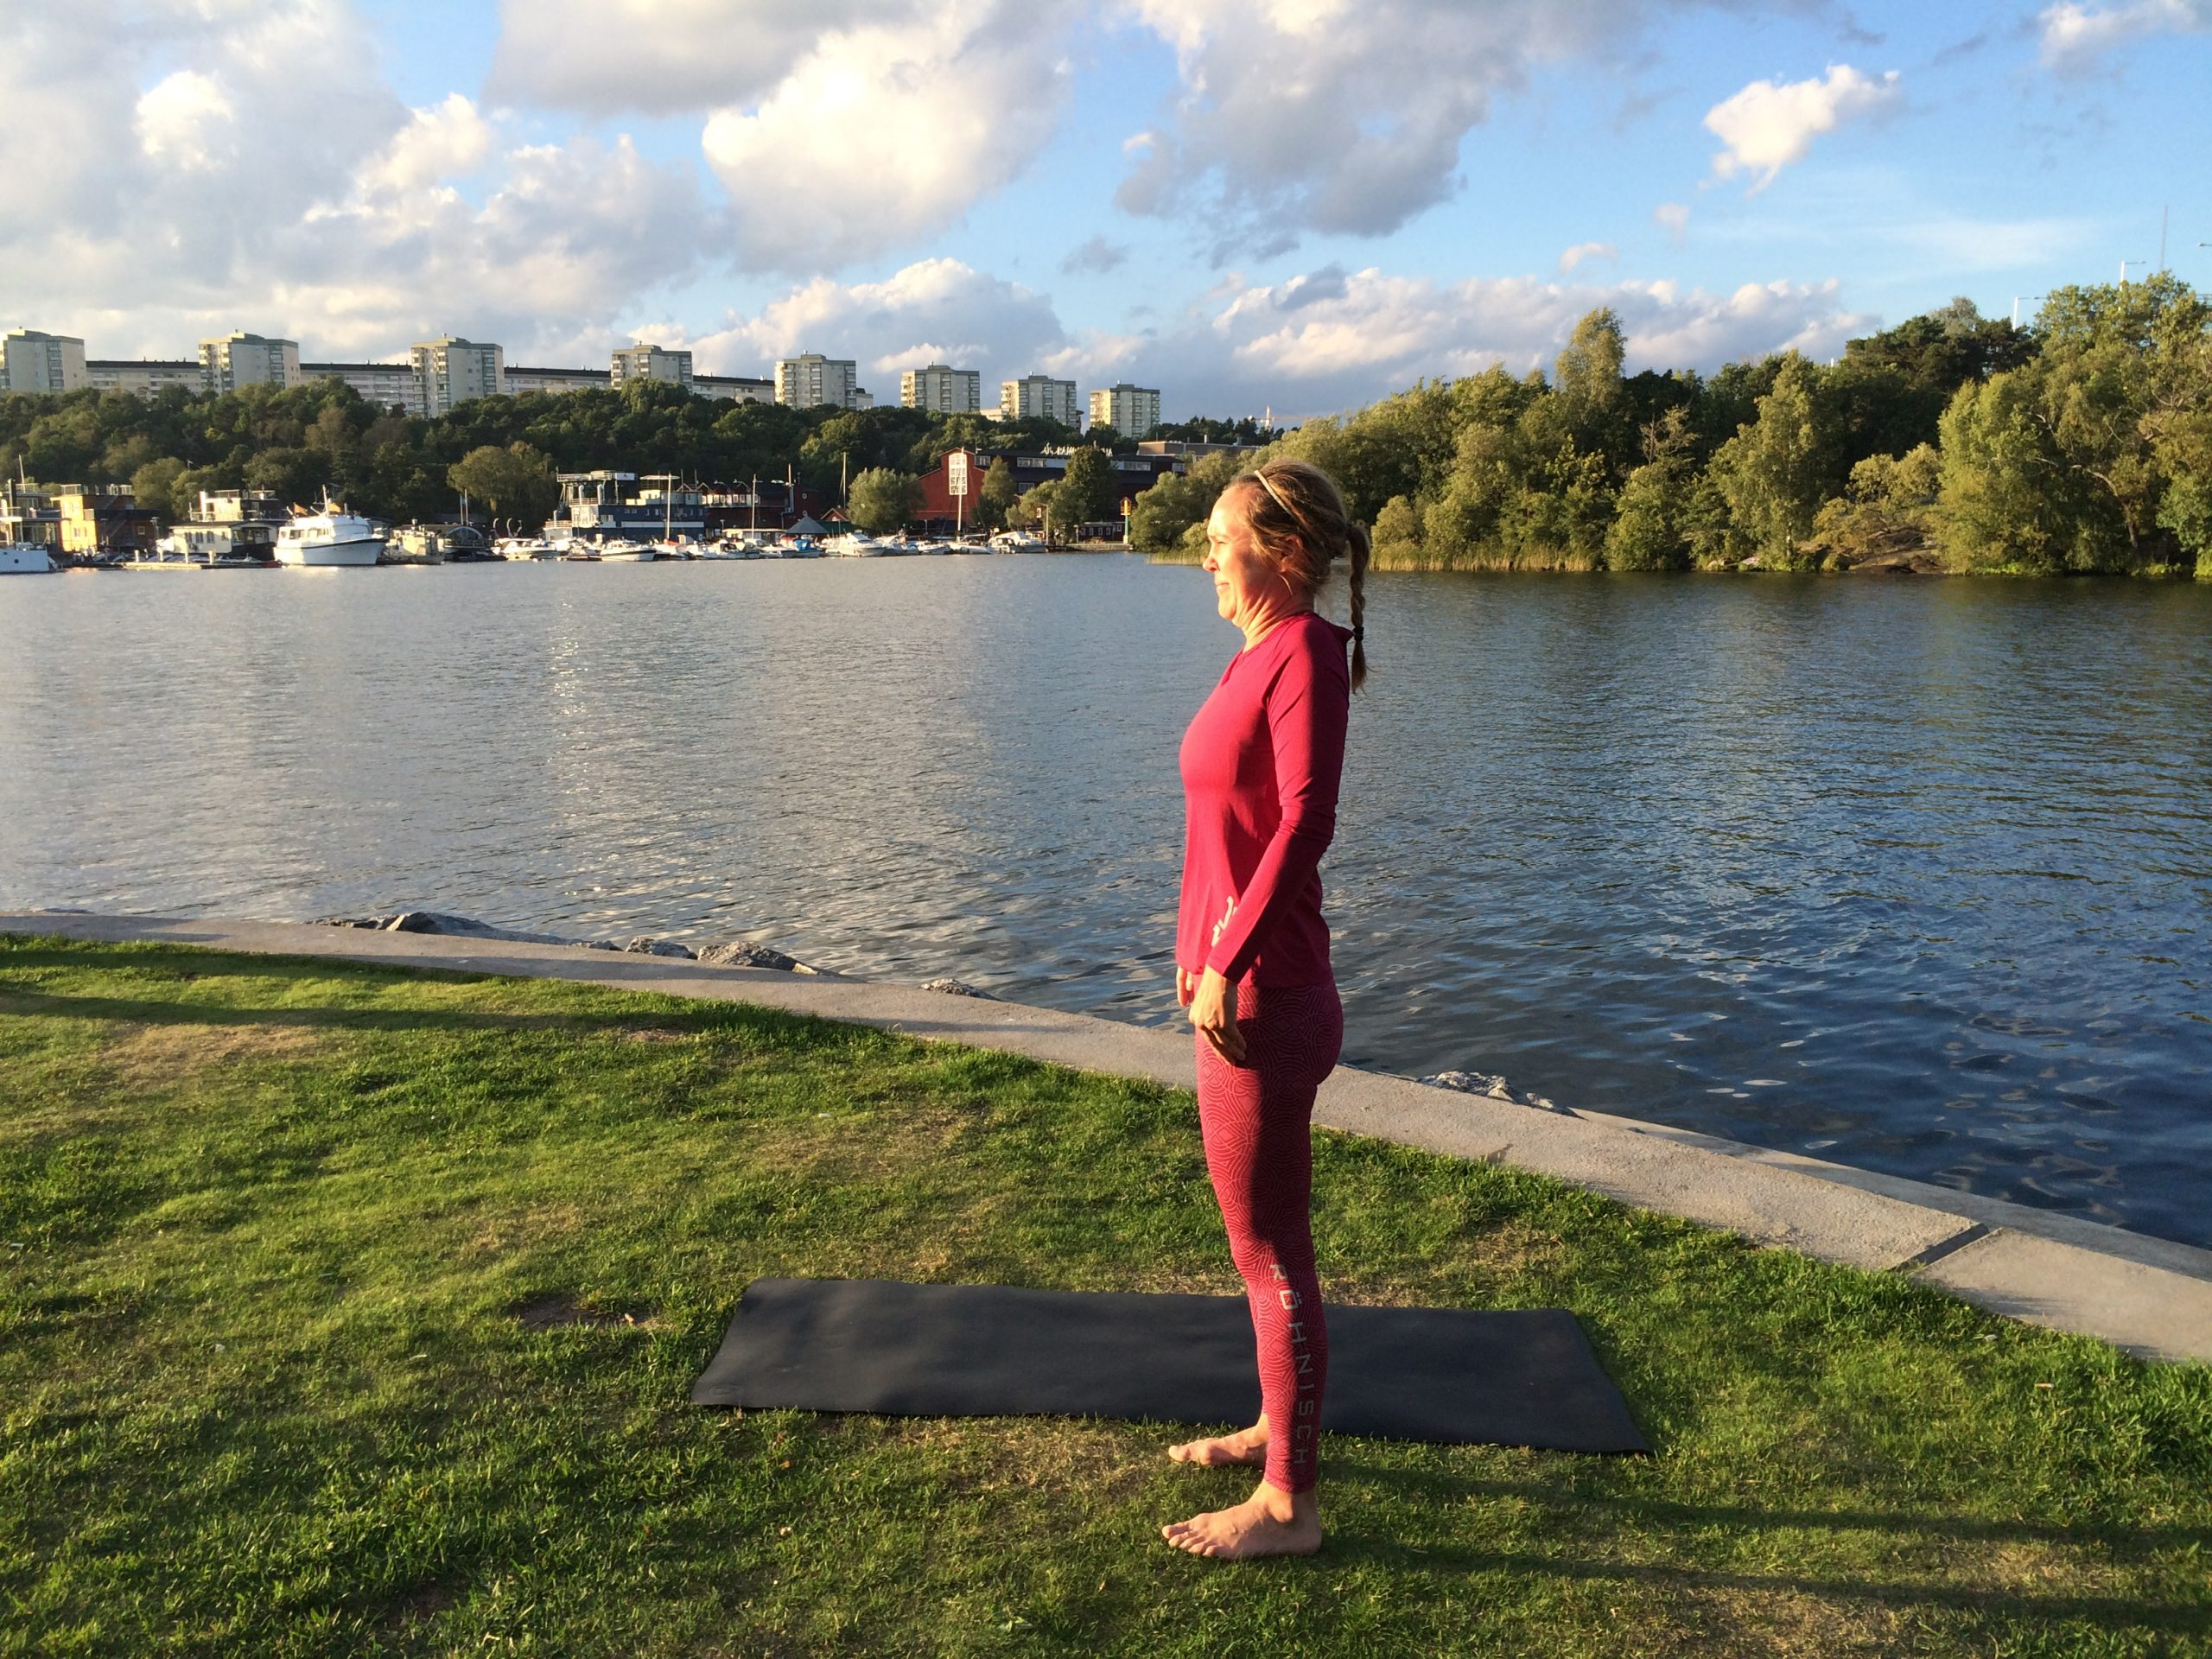 Övningar för en stark och stolt hållning